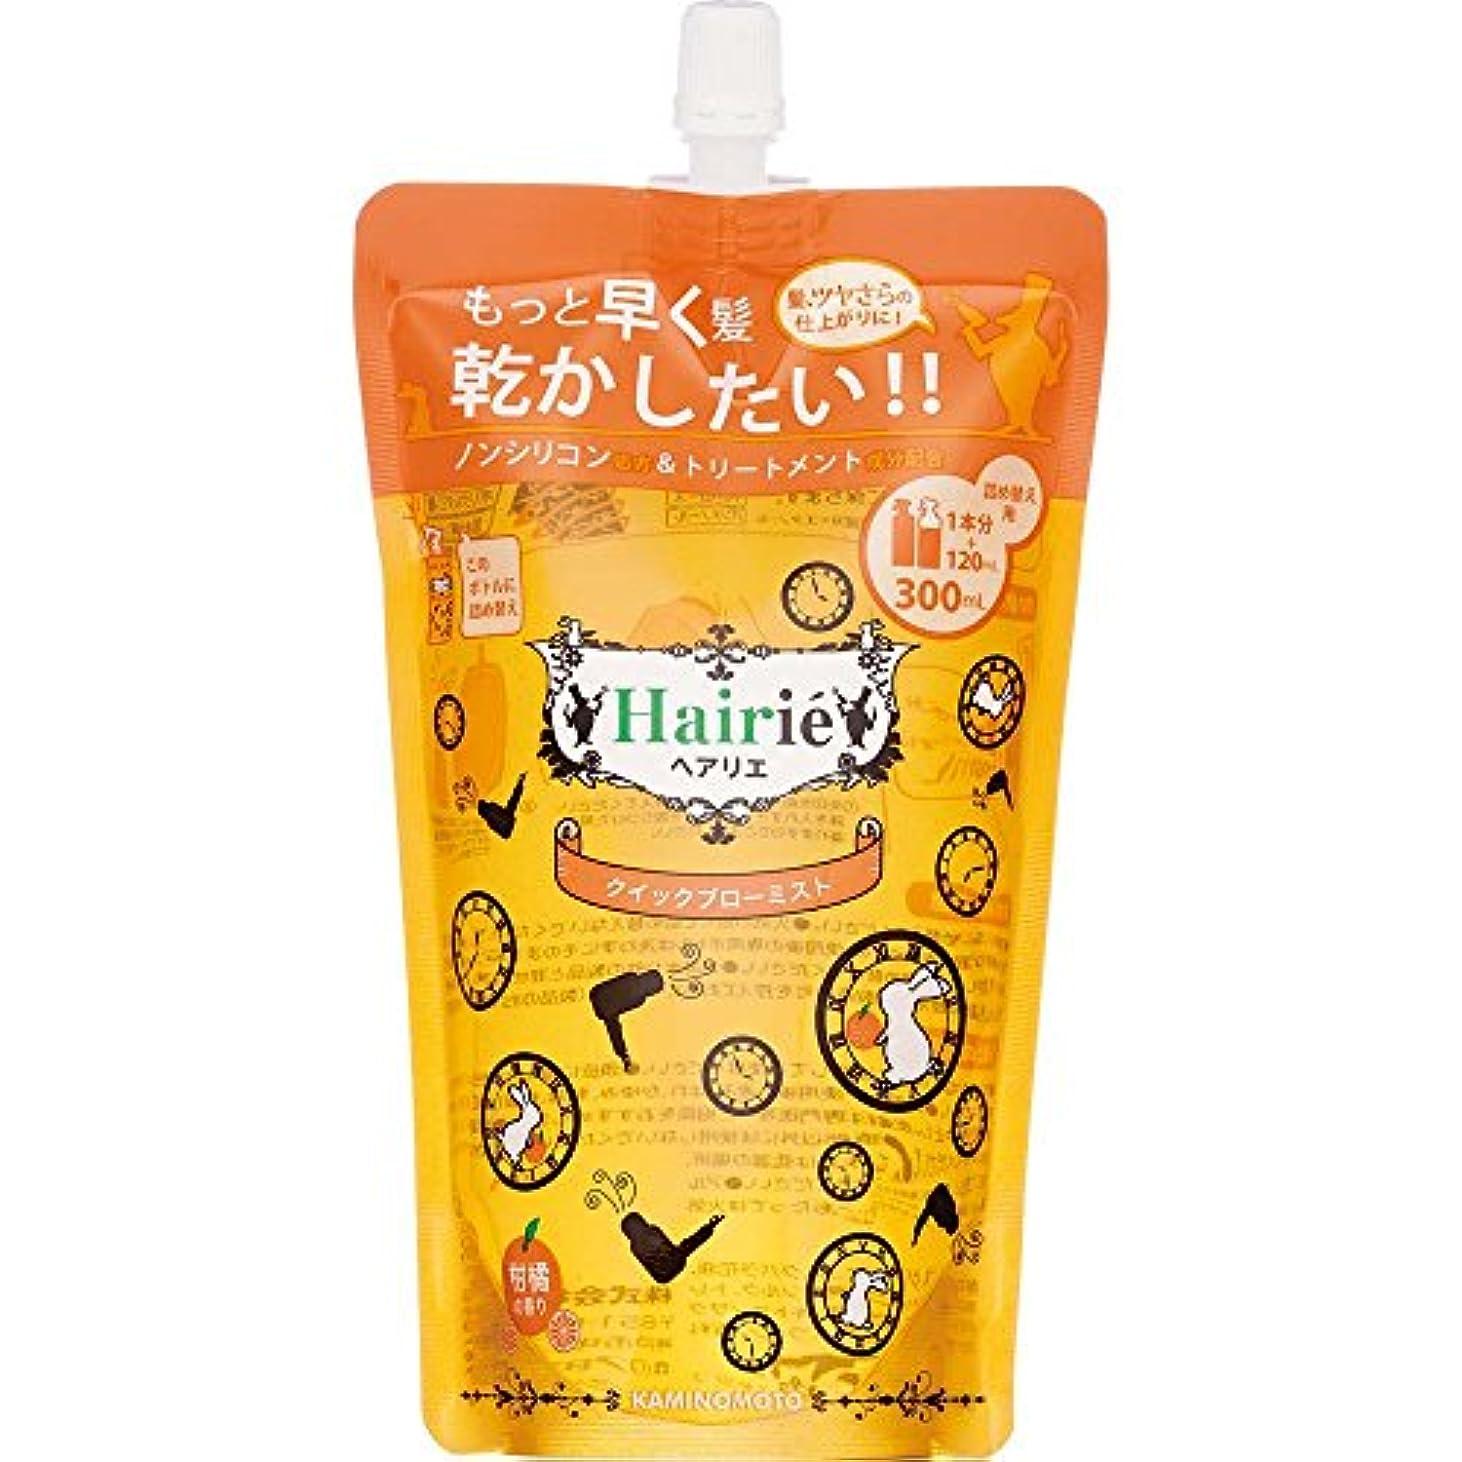 冗長フィットレスリングヘアリエ クイックブローミスト 柑橘の香り 詰め替え 300mL